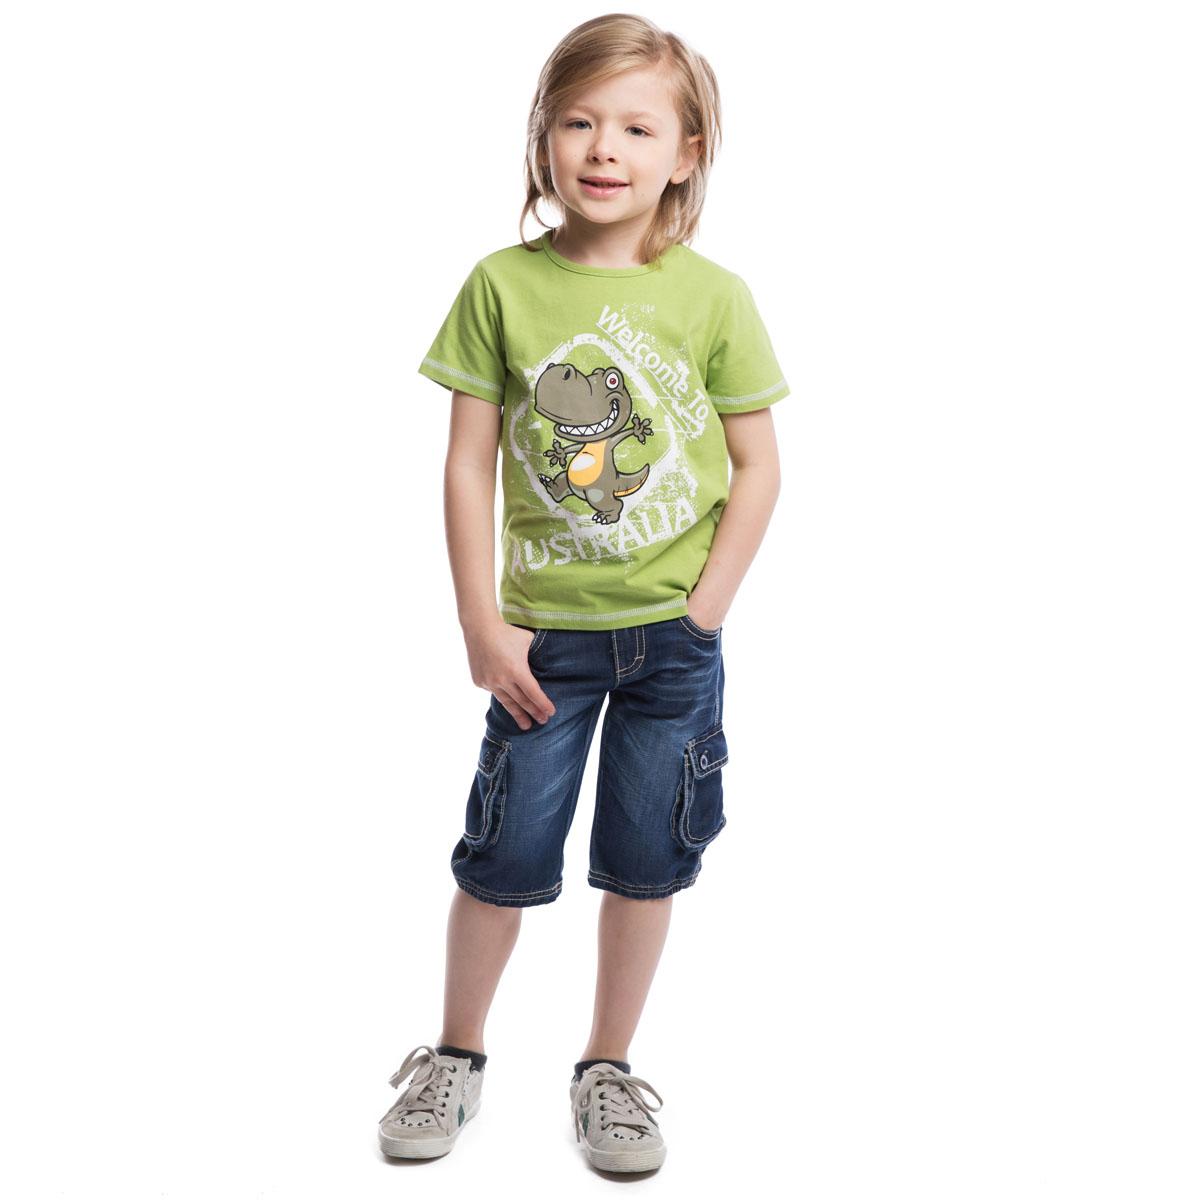 Футболка для мальчика. 261011261011Футболка для мальчика PlayToday идеально подойдет маленькому моднику и станет отличным дополнением к его гардеробу. Изготовленная из эластичного хлопка, она мягкая и приятная на ощупь, не сковывает движения ребенка и позволяет коже дышать, обеспечивая наибольший комфорт. Футболка с круглым вырезом горловины и короткими рукавами оформлена резиновым принтом виде динозавра и надписью Welcome to Australia. Воротник дополнен мягкой трикотажной резинкой. Снизу имеется небольшая текстильная нашивка с логотипом бренда. В такой футболке ребенок будет чувствовать себя комфортно, уютно и всегда будет в центре внимания!